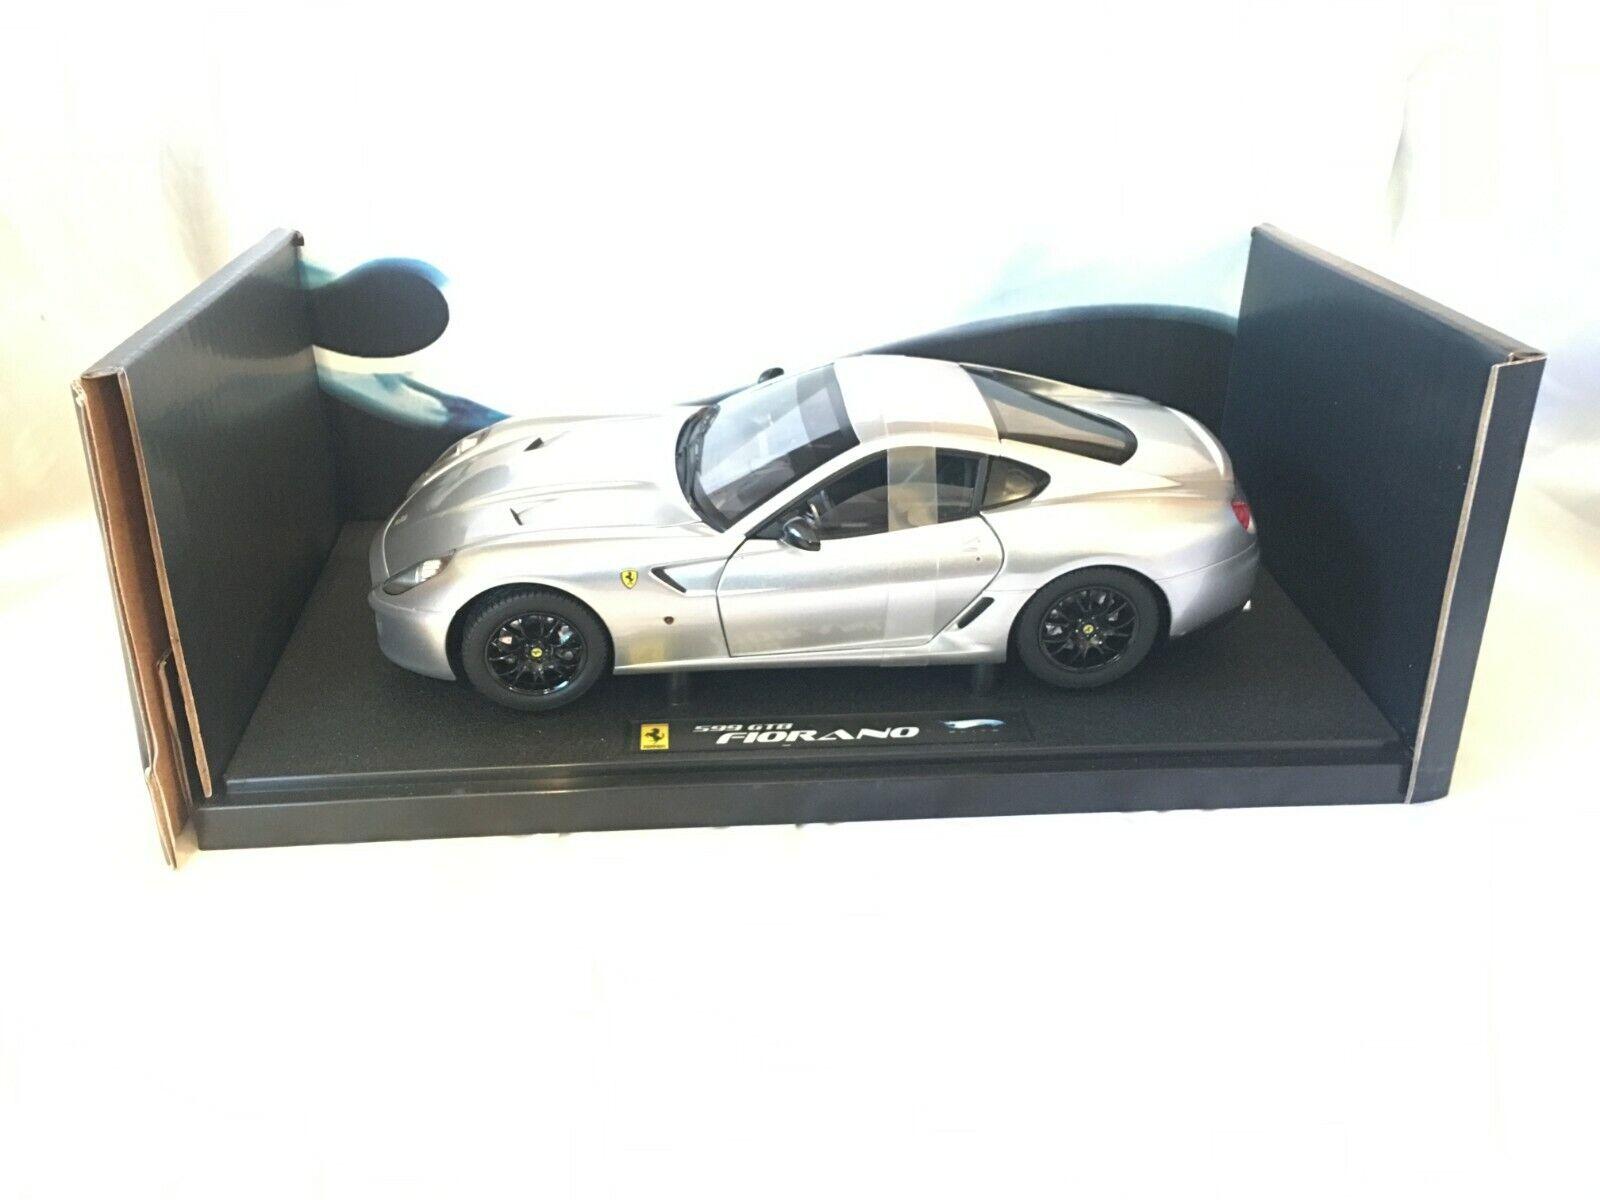 Precio al por mayor y calidad confiable. Fiorano Ferrari 599 GTB Fiorano Fiorano Fiorano Elite  Nuevo, Sellado, menta, Ferrari Rara Colección  a la venta